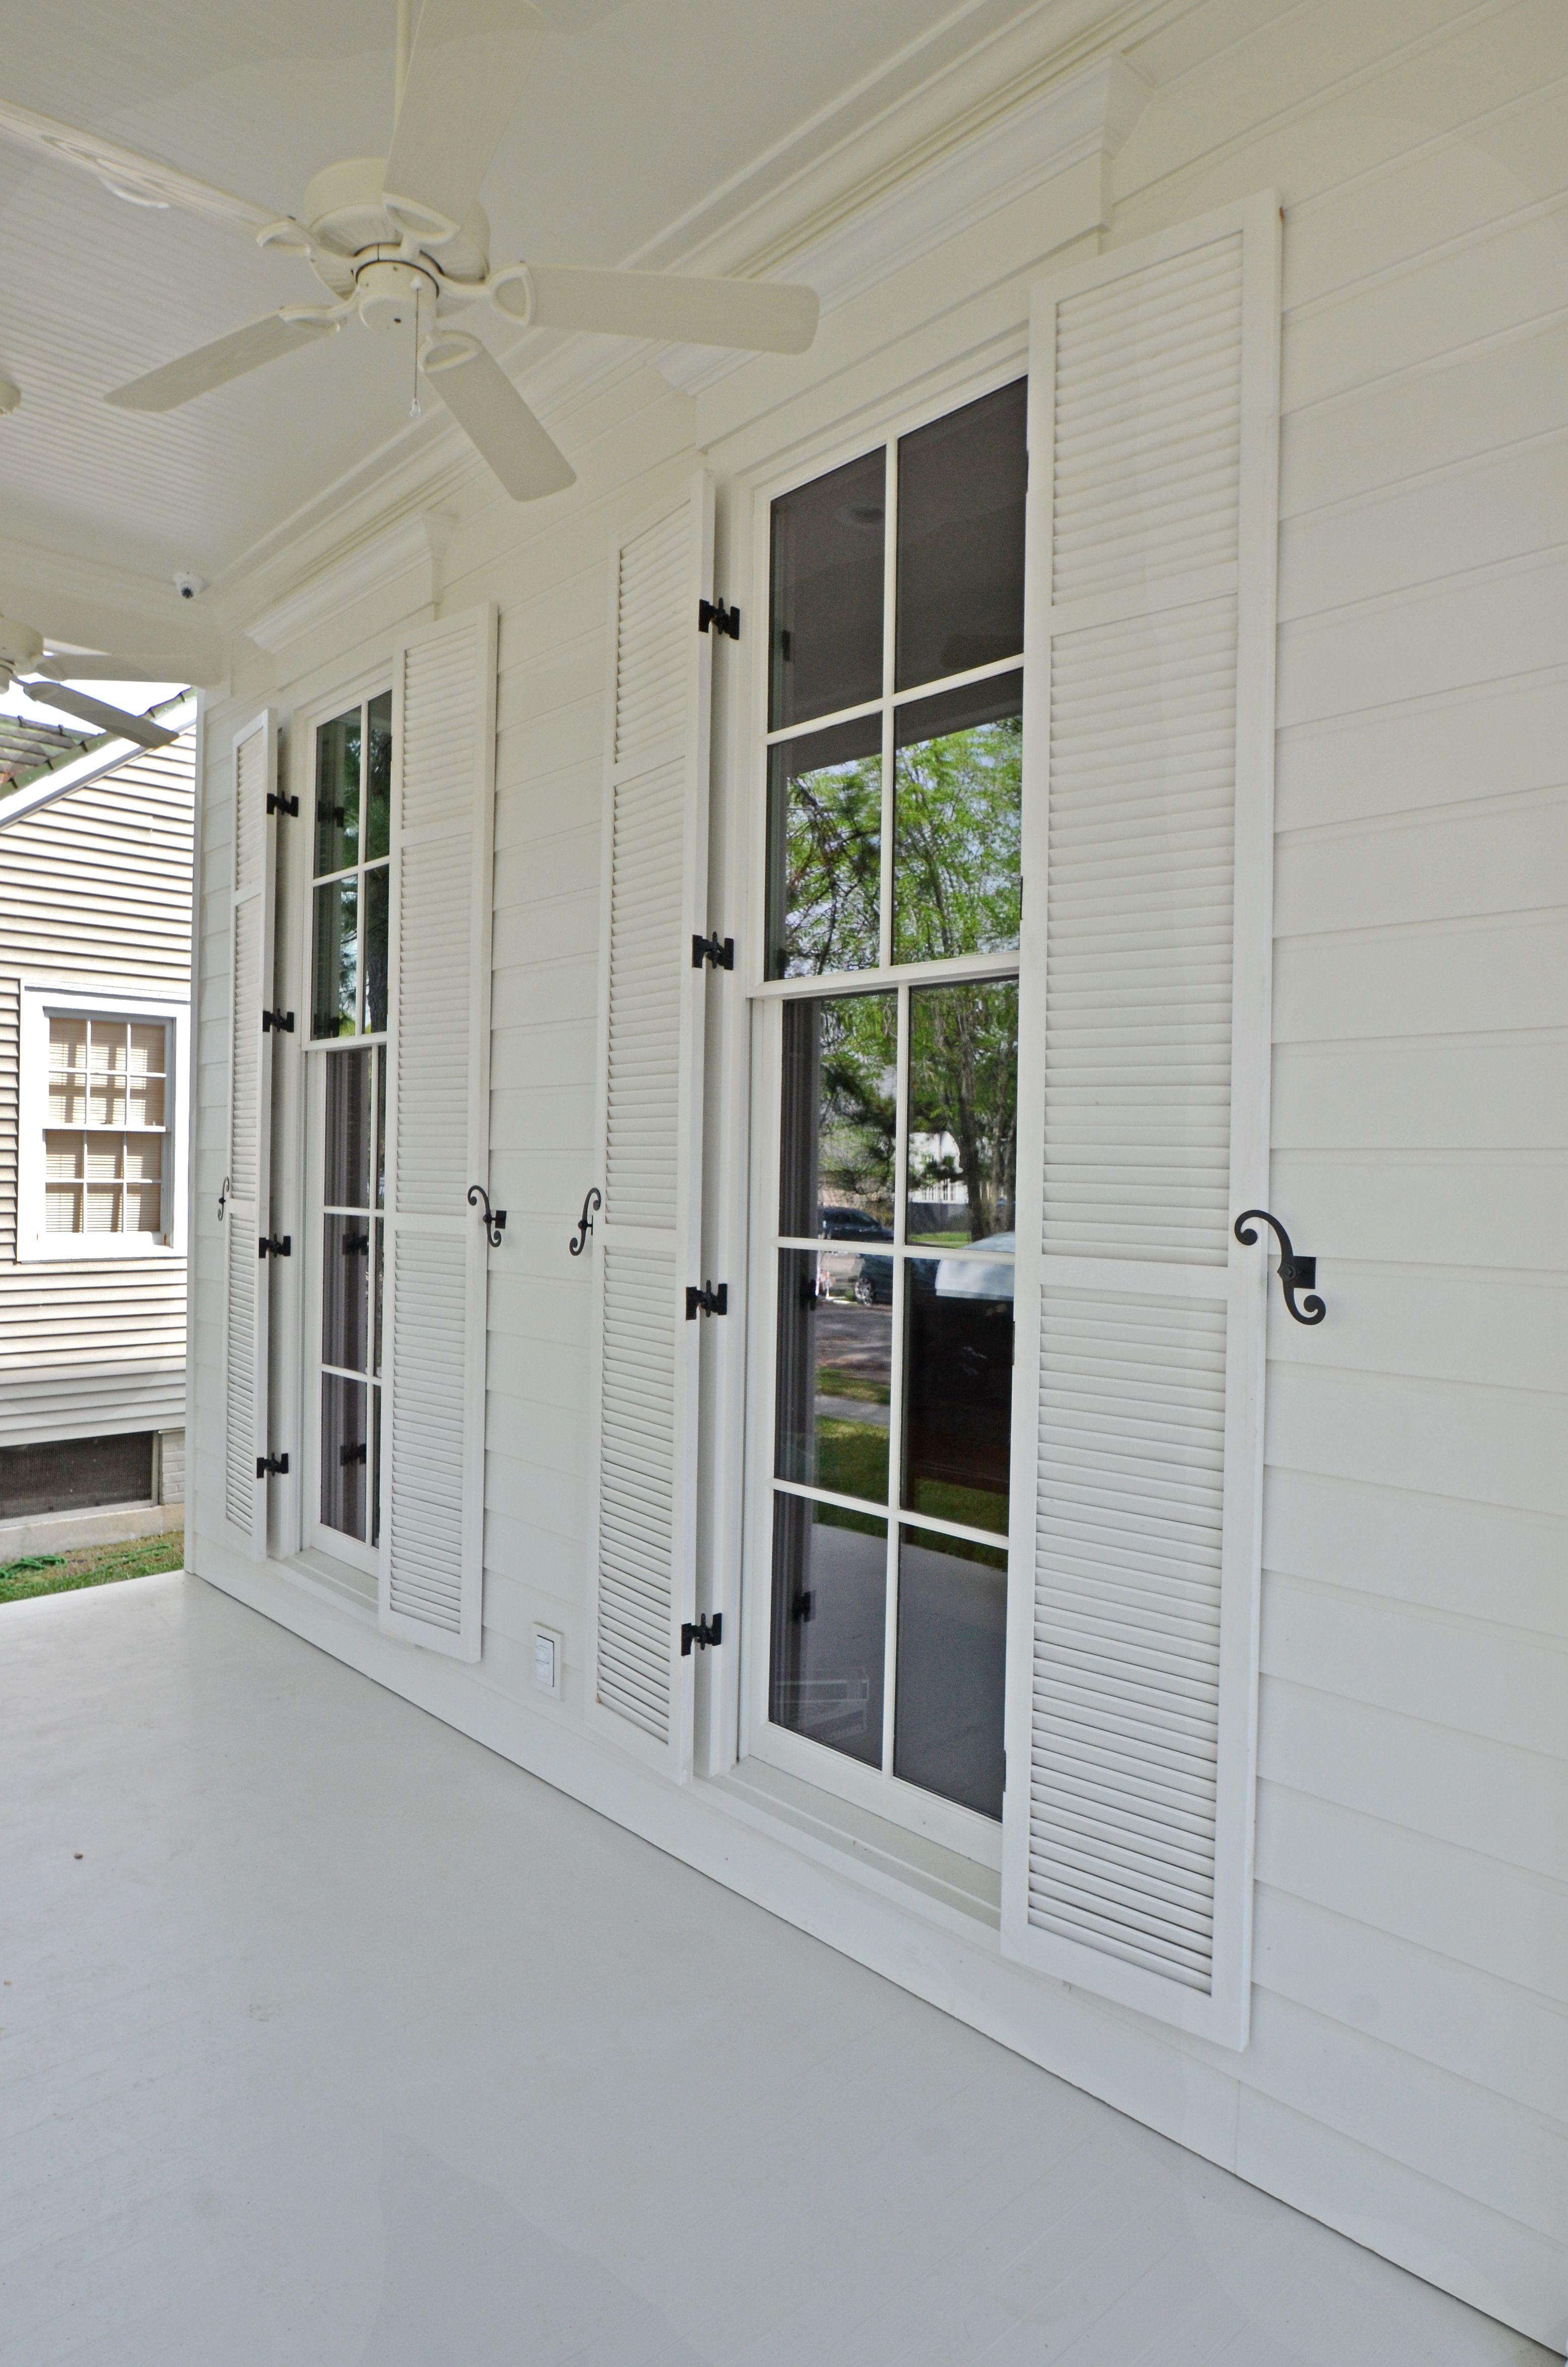 Pin By Jefferson Door Company On Windows By Jefferson Door | Pinterest |  Doors